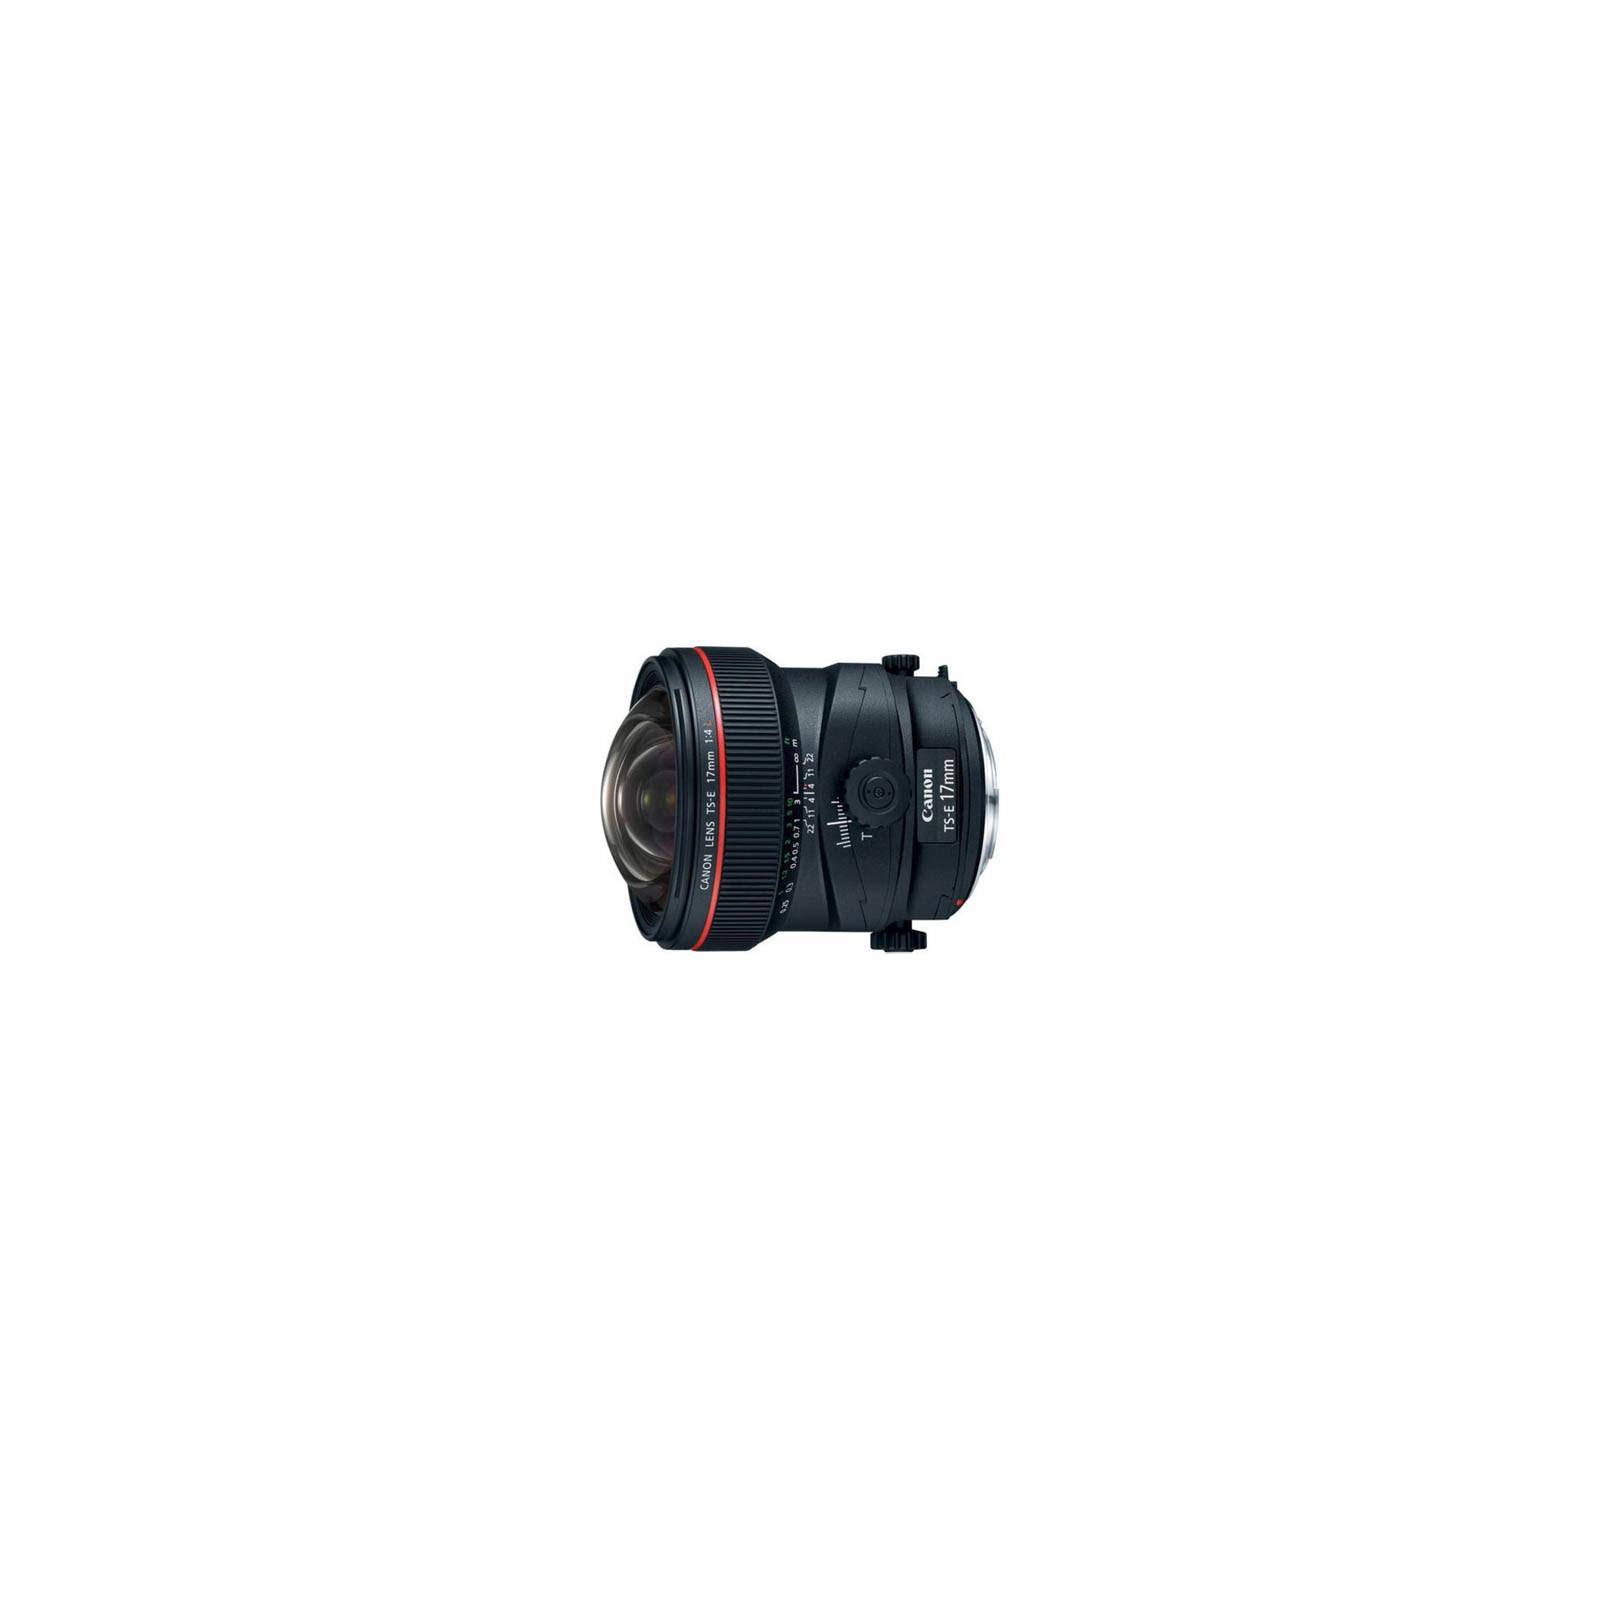 Объектив Canon TS-E 17mm f/4.0L (3553B005)